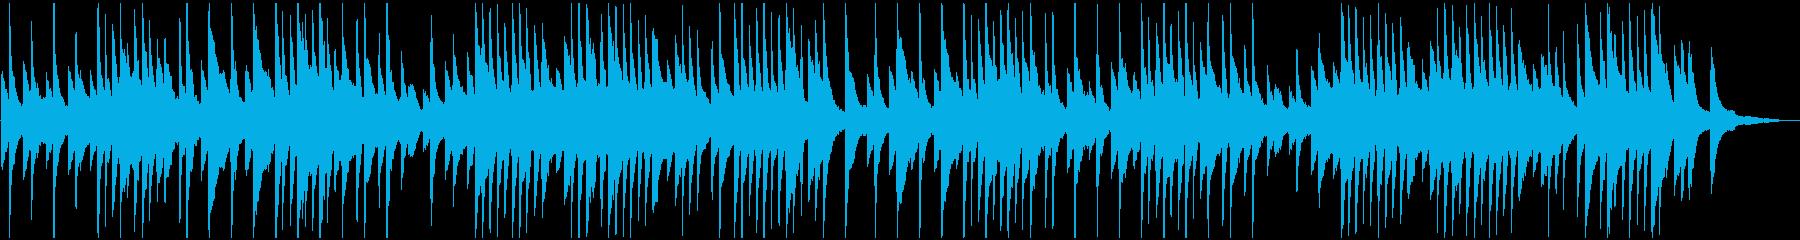 ★サティ★ジムノペディ第1番★ピアノ★Fの再生済みの波形